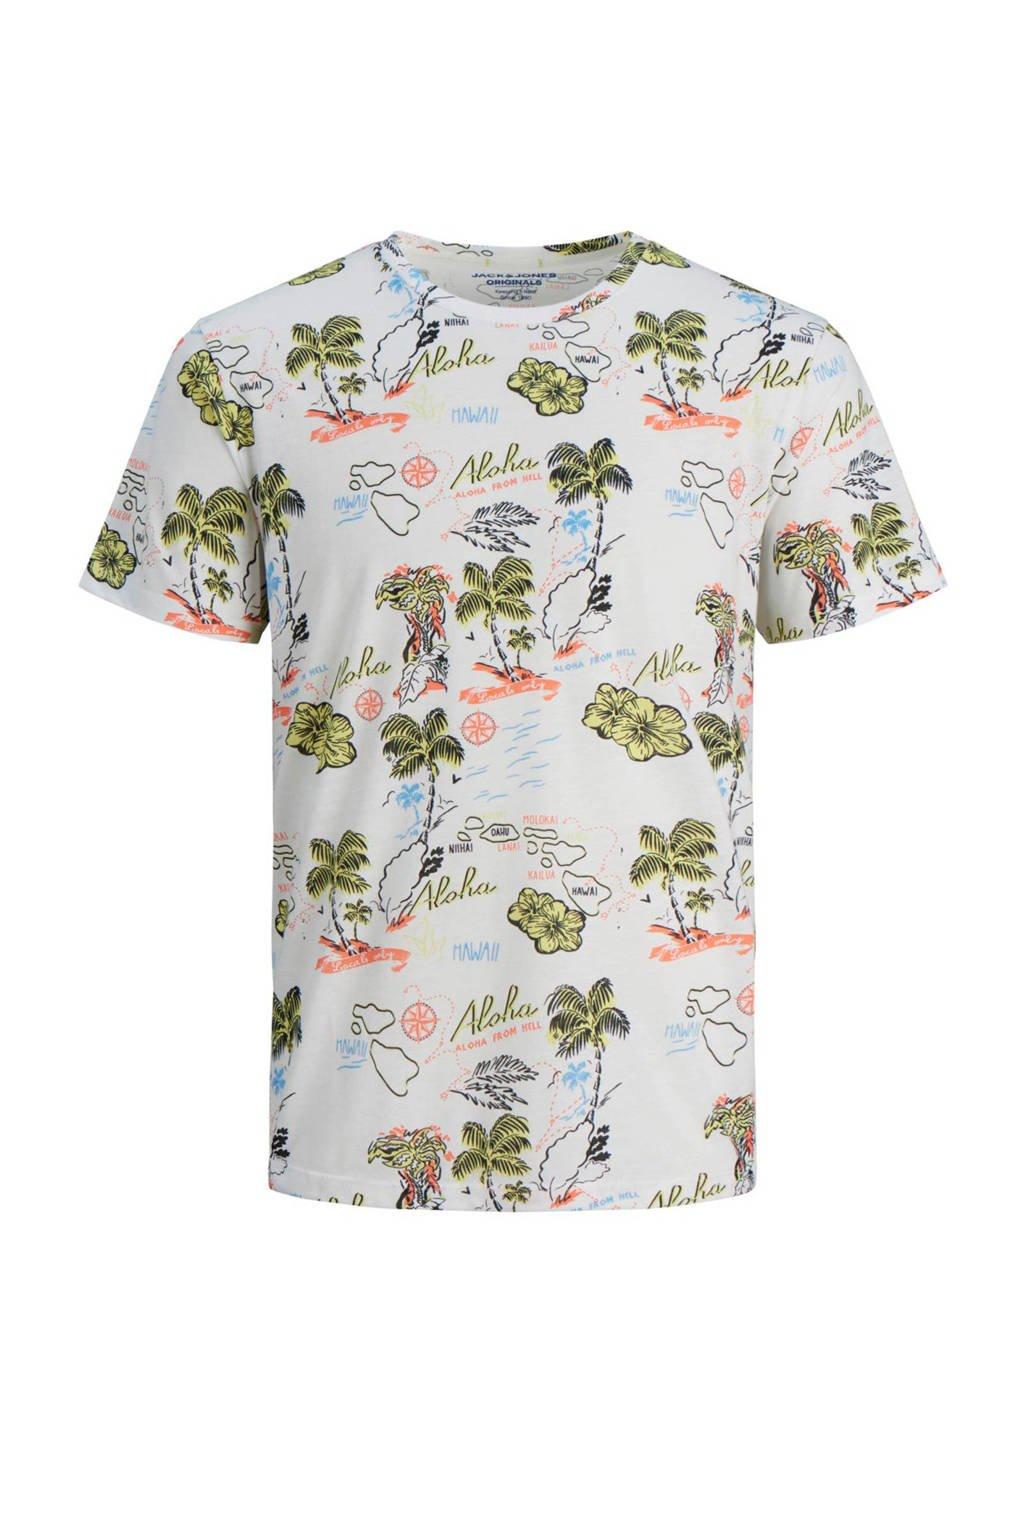 Jack & Jones Originals slim fit T-shirt met all over print, Wit